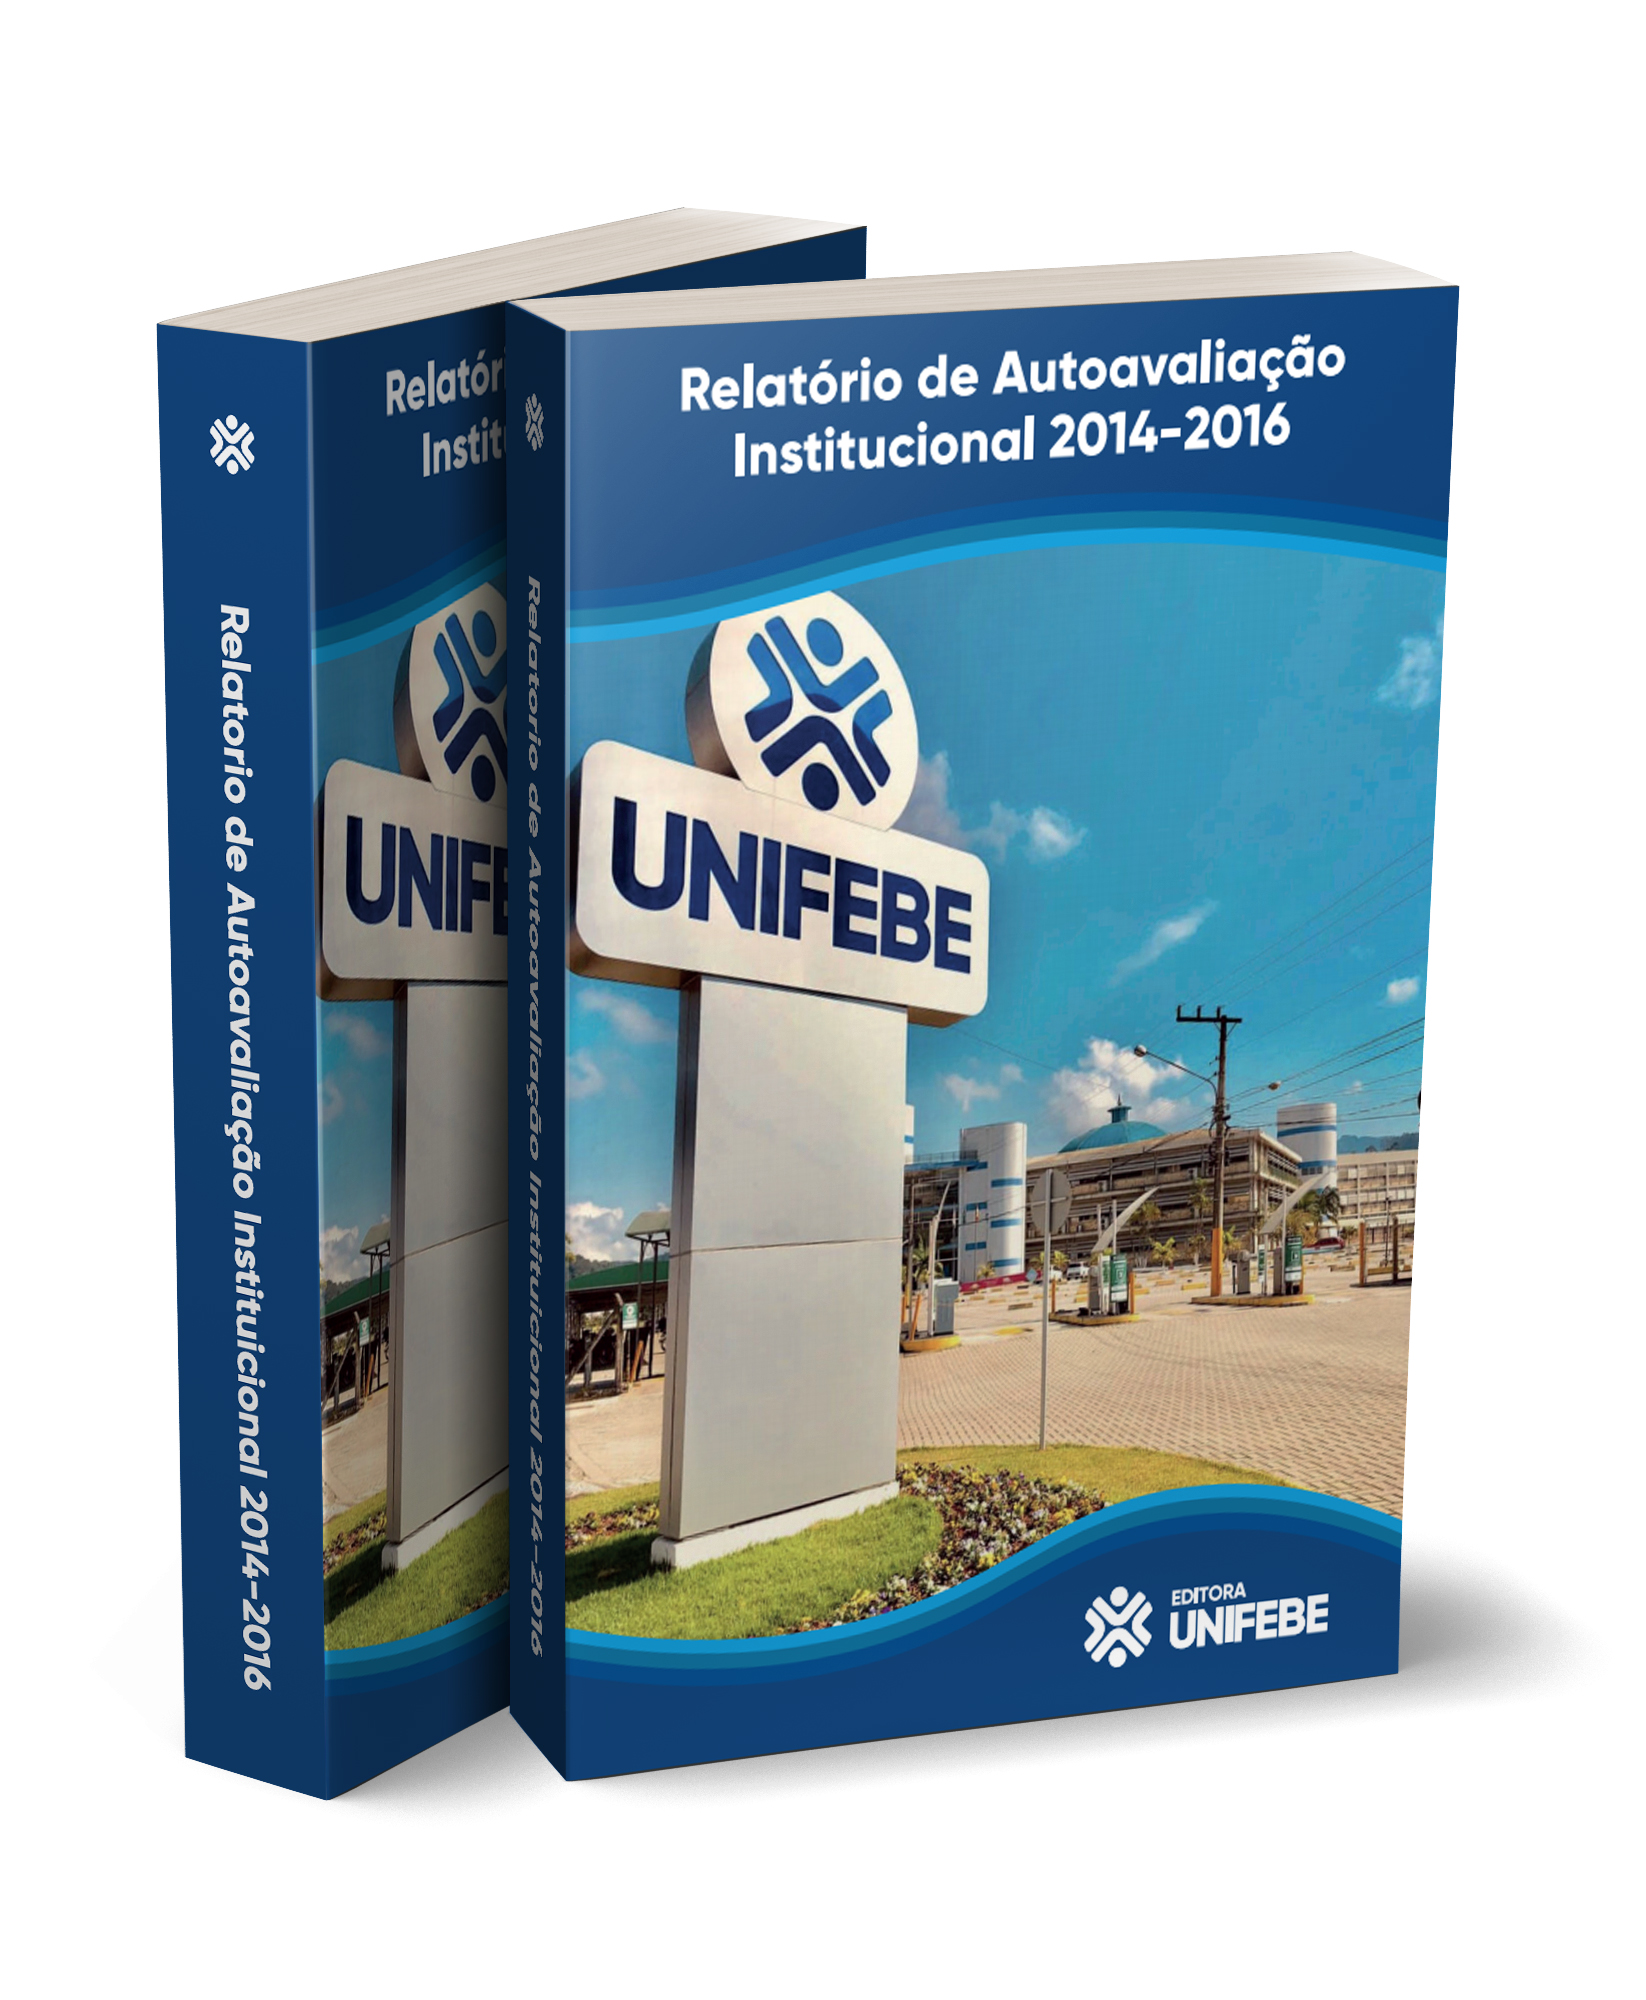 relatório de autoavaliação 2014 2016